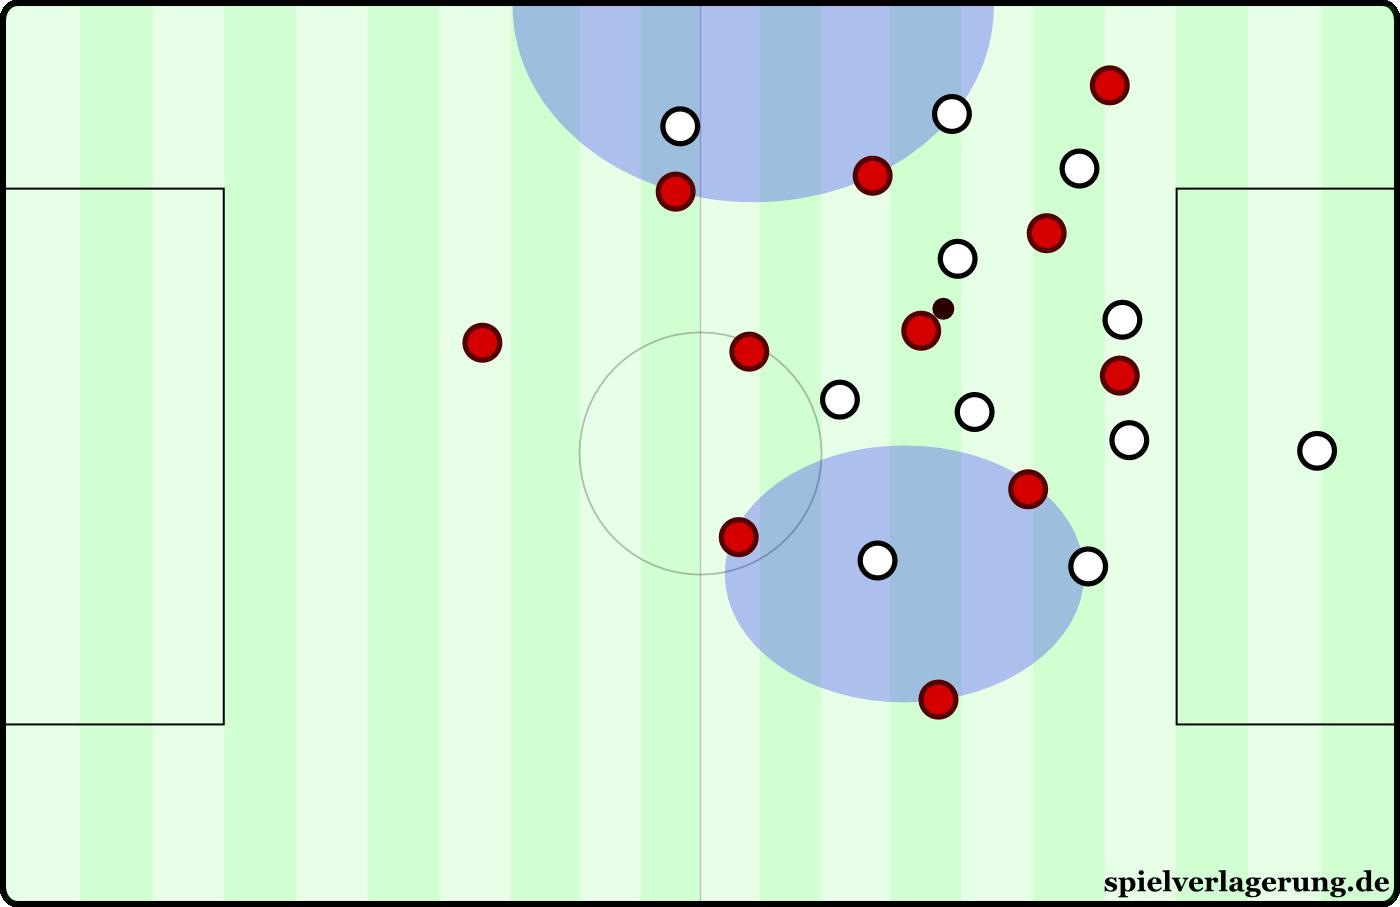 Befreiung aus dem Gegenpressing durch vororganisierte Anspielstationen. Favre tat etwas ähnliches im letzten Heynckes-Spiel.